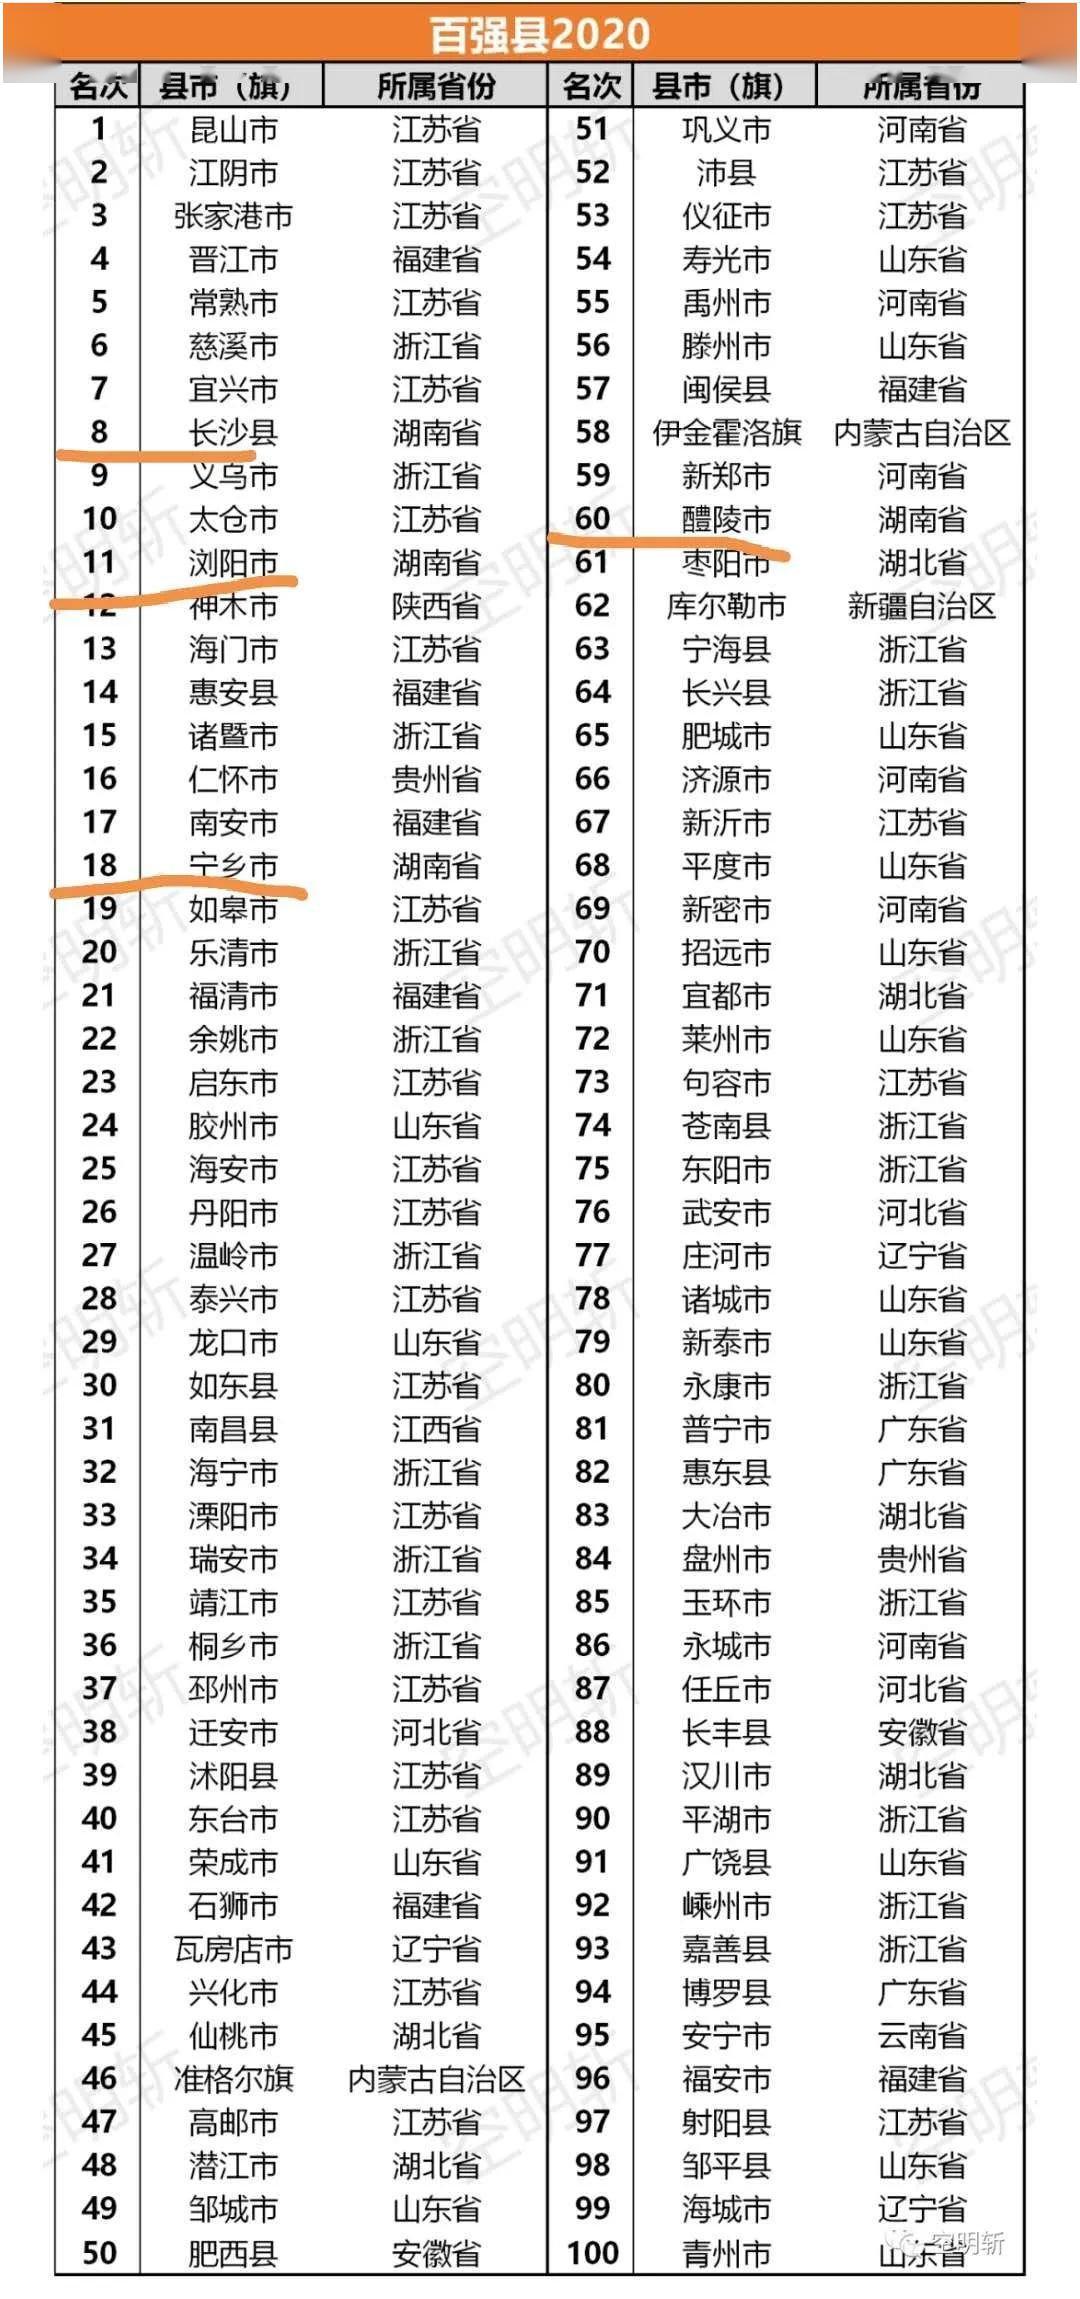 庐江县2020各区gdp_我们中有 10 的人将无人送终